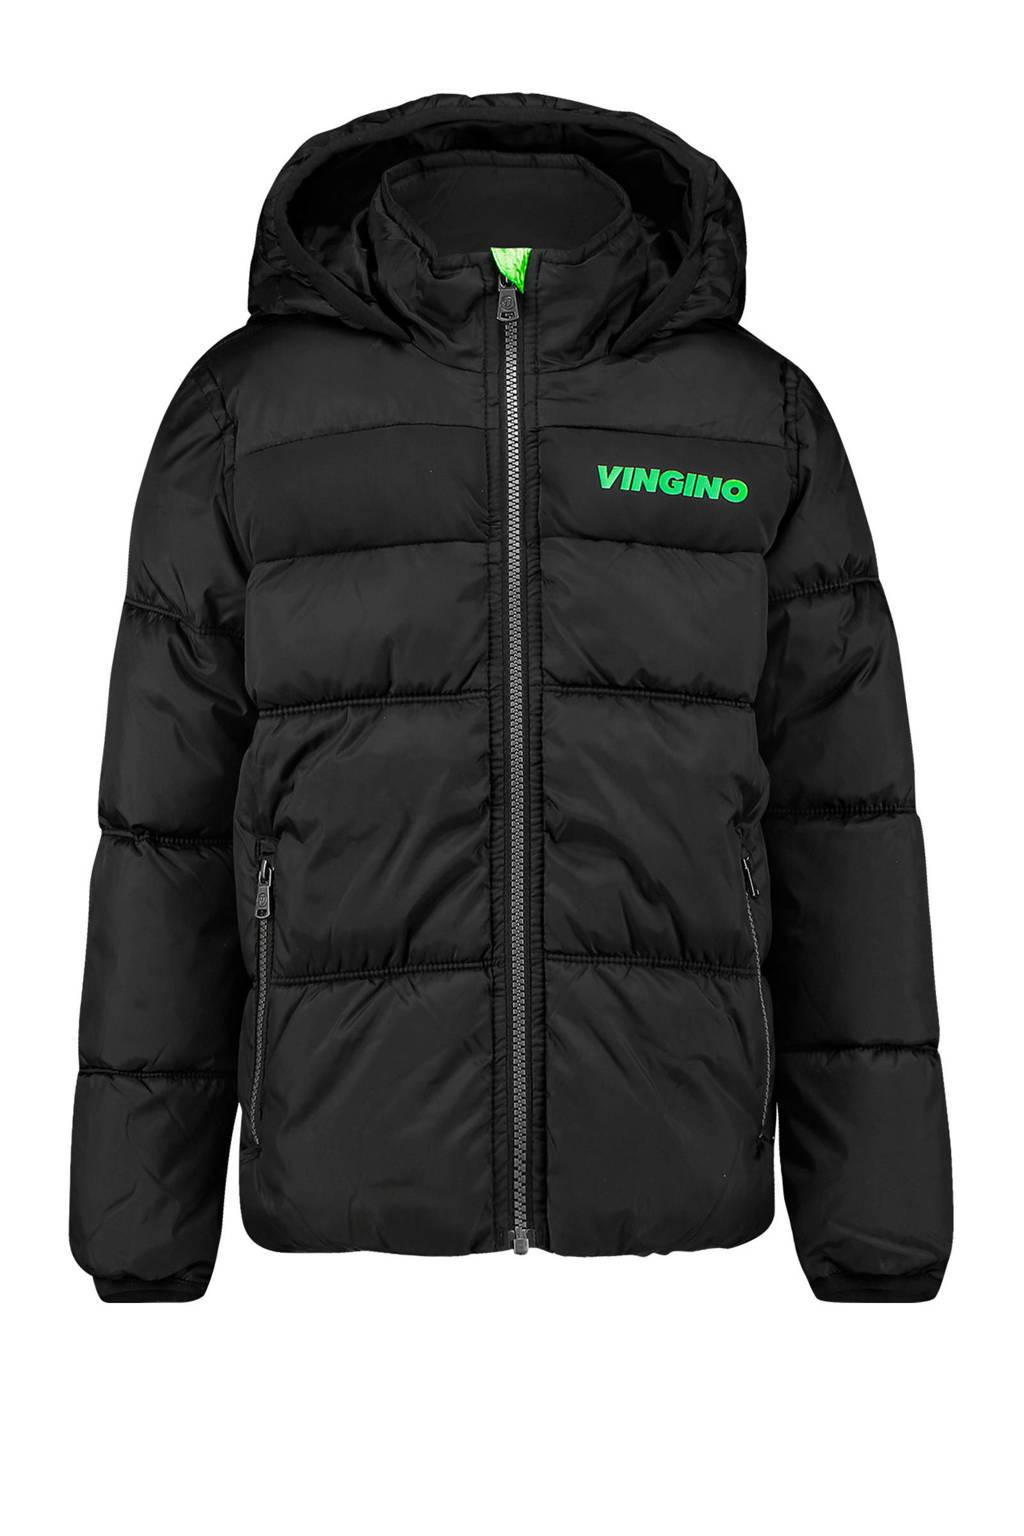 Vingino winterjas Thor met logo zwart, Zwart